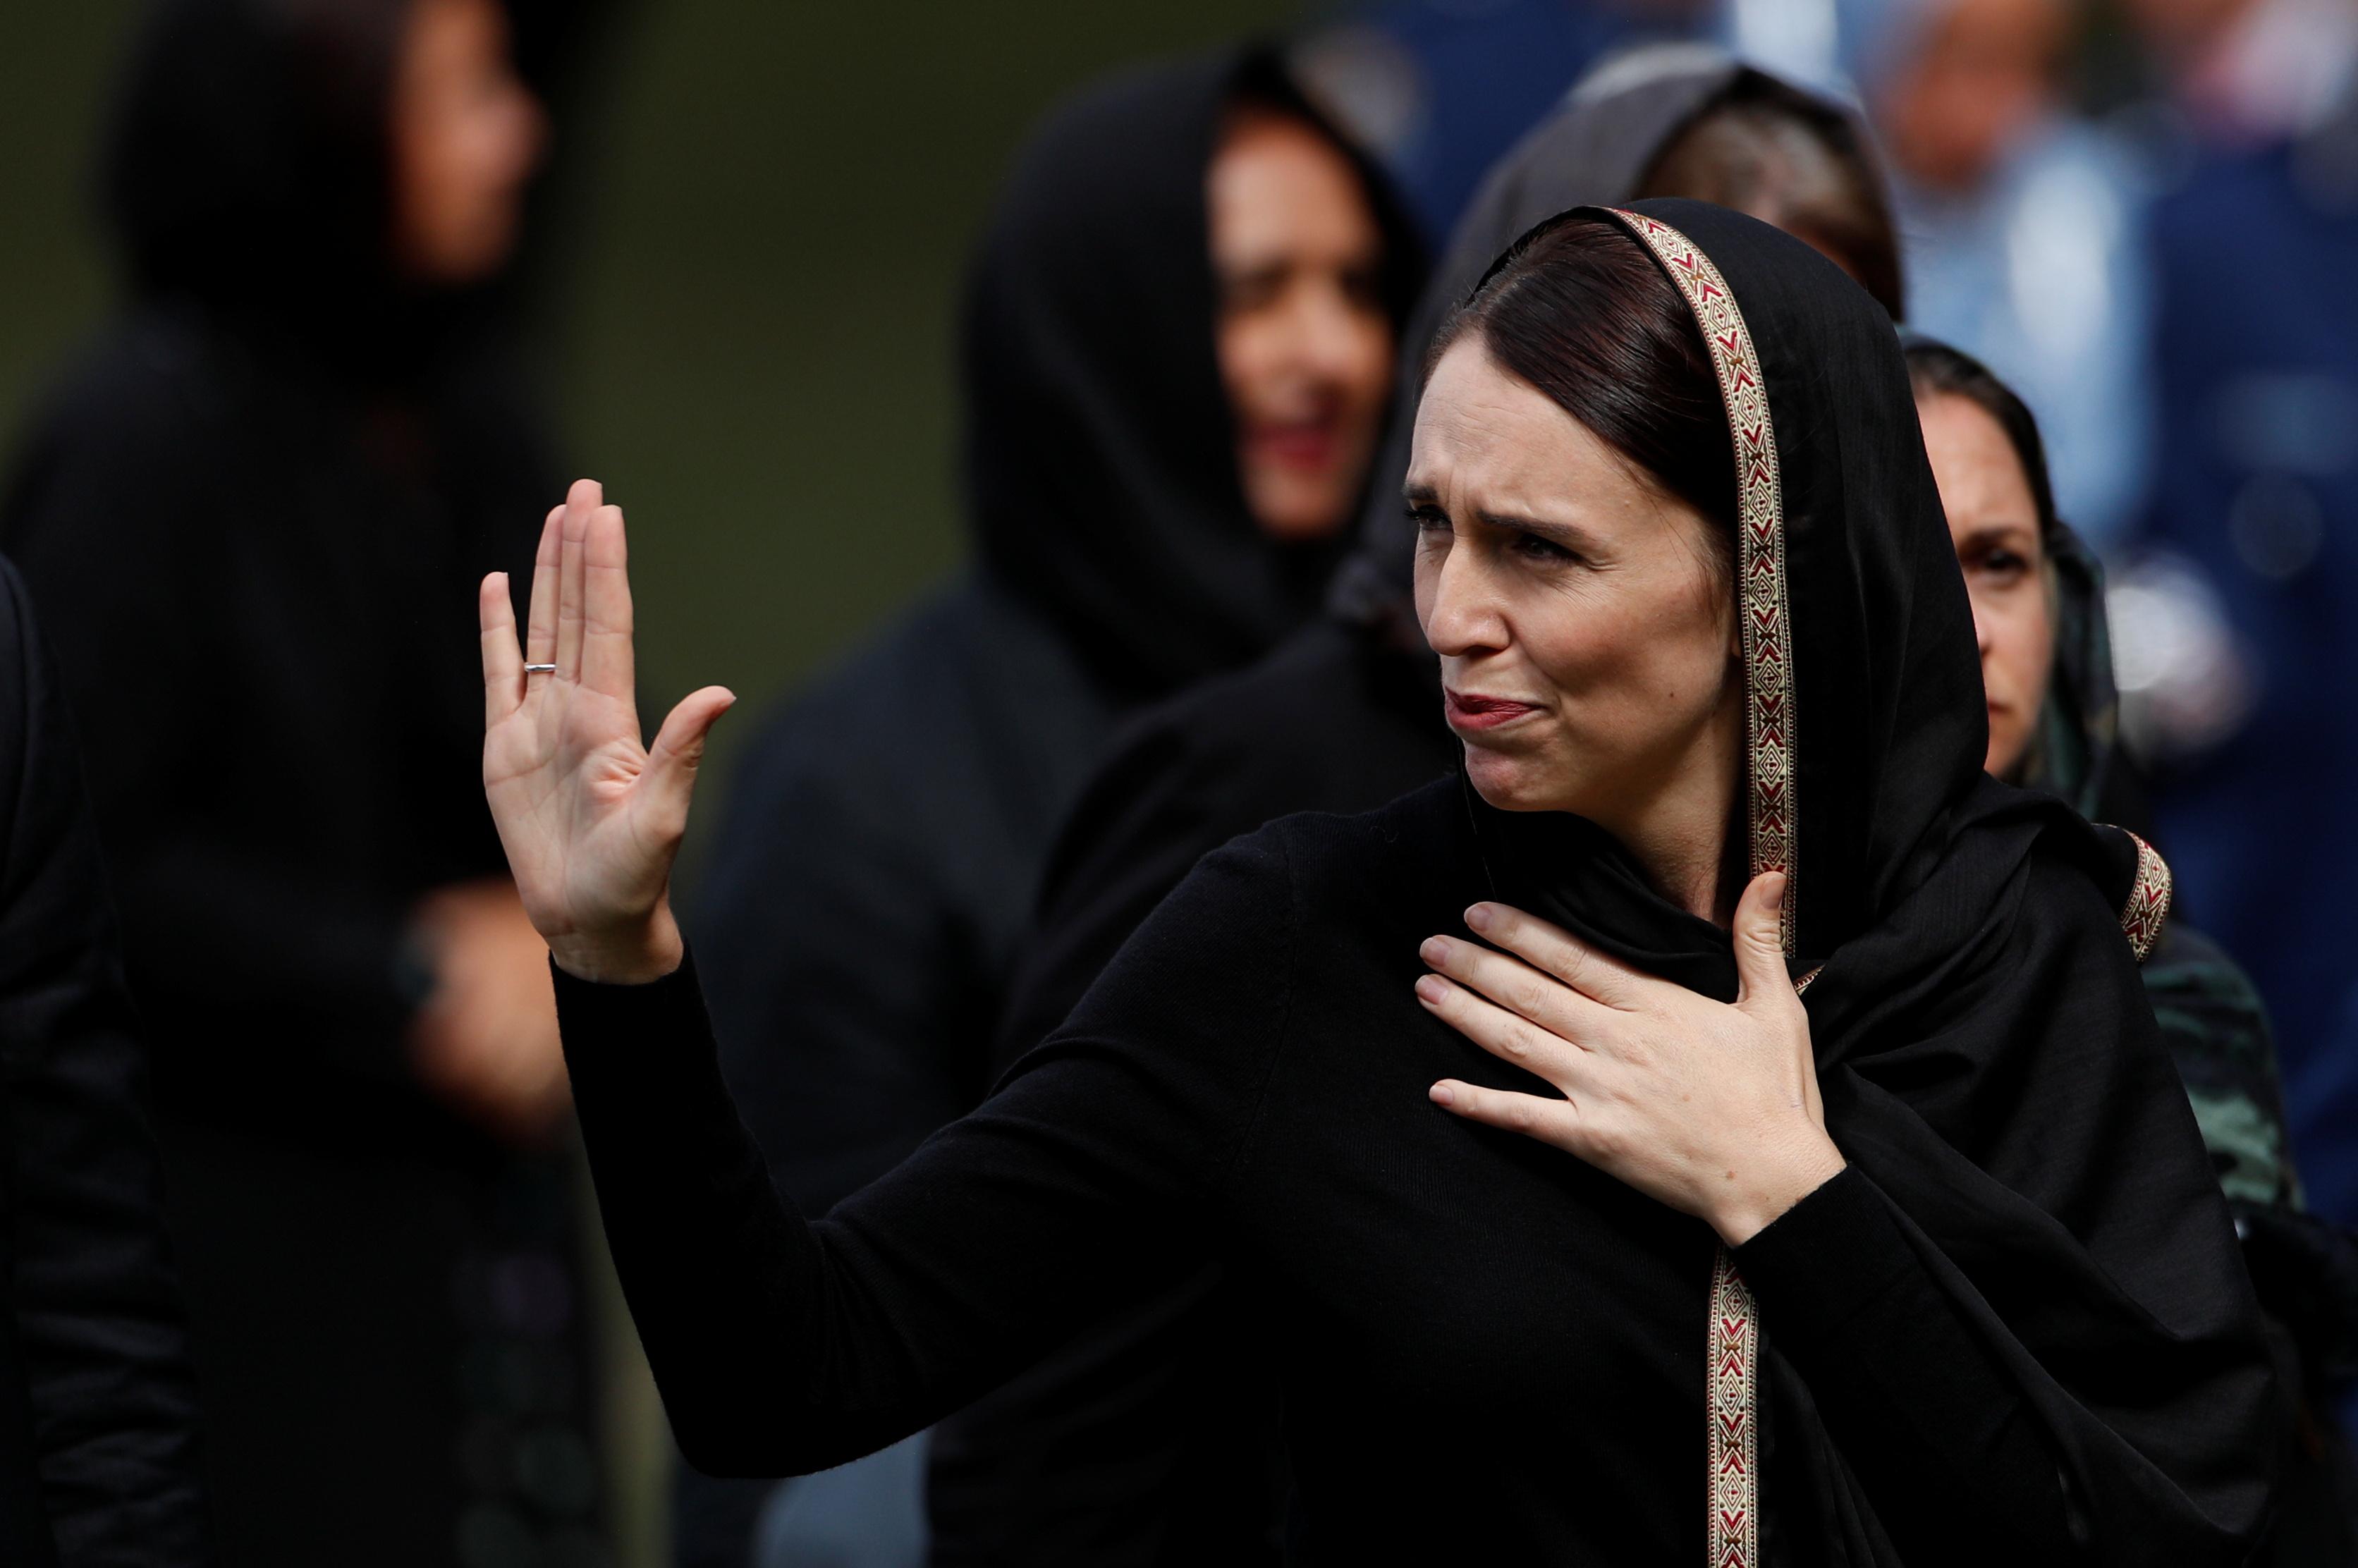 رئيسة وزراء نيوزيلندا تشارك فى أول صلاة جمعة بمسجد النور